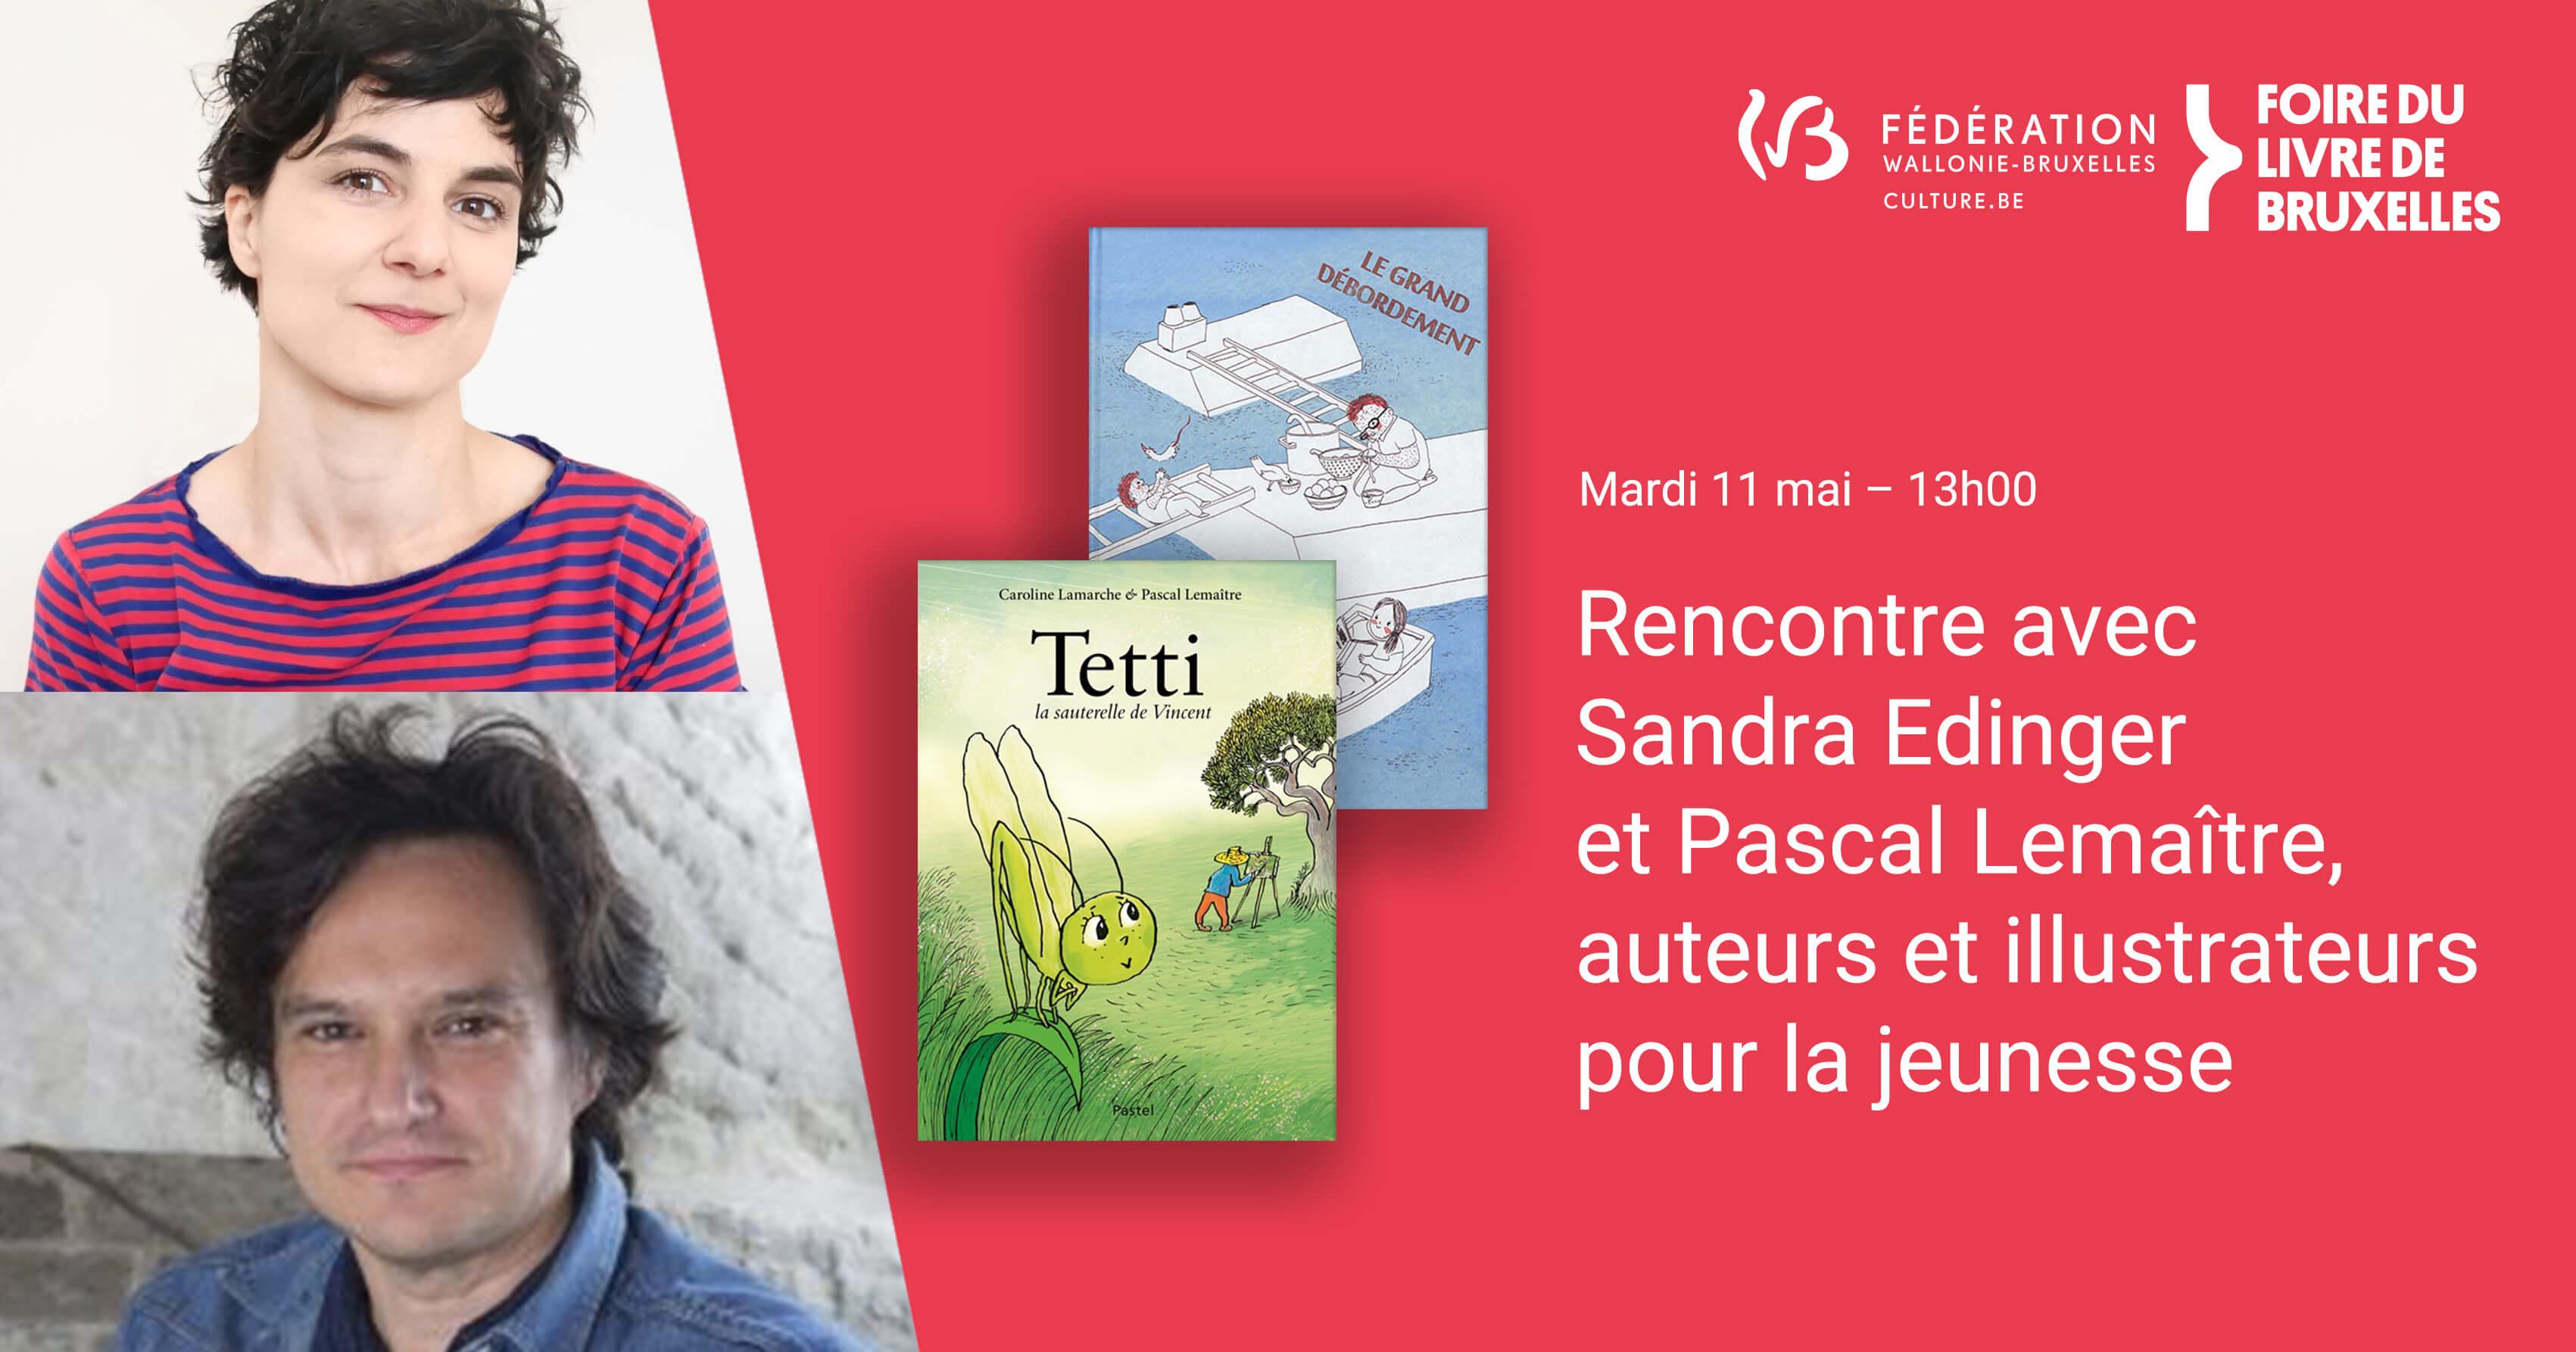 Rencontre avec Sandra Edinger et Pascal Lemaître, auteurs et illustrateurs pour la jeunesse